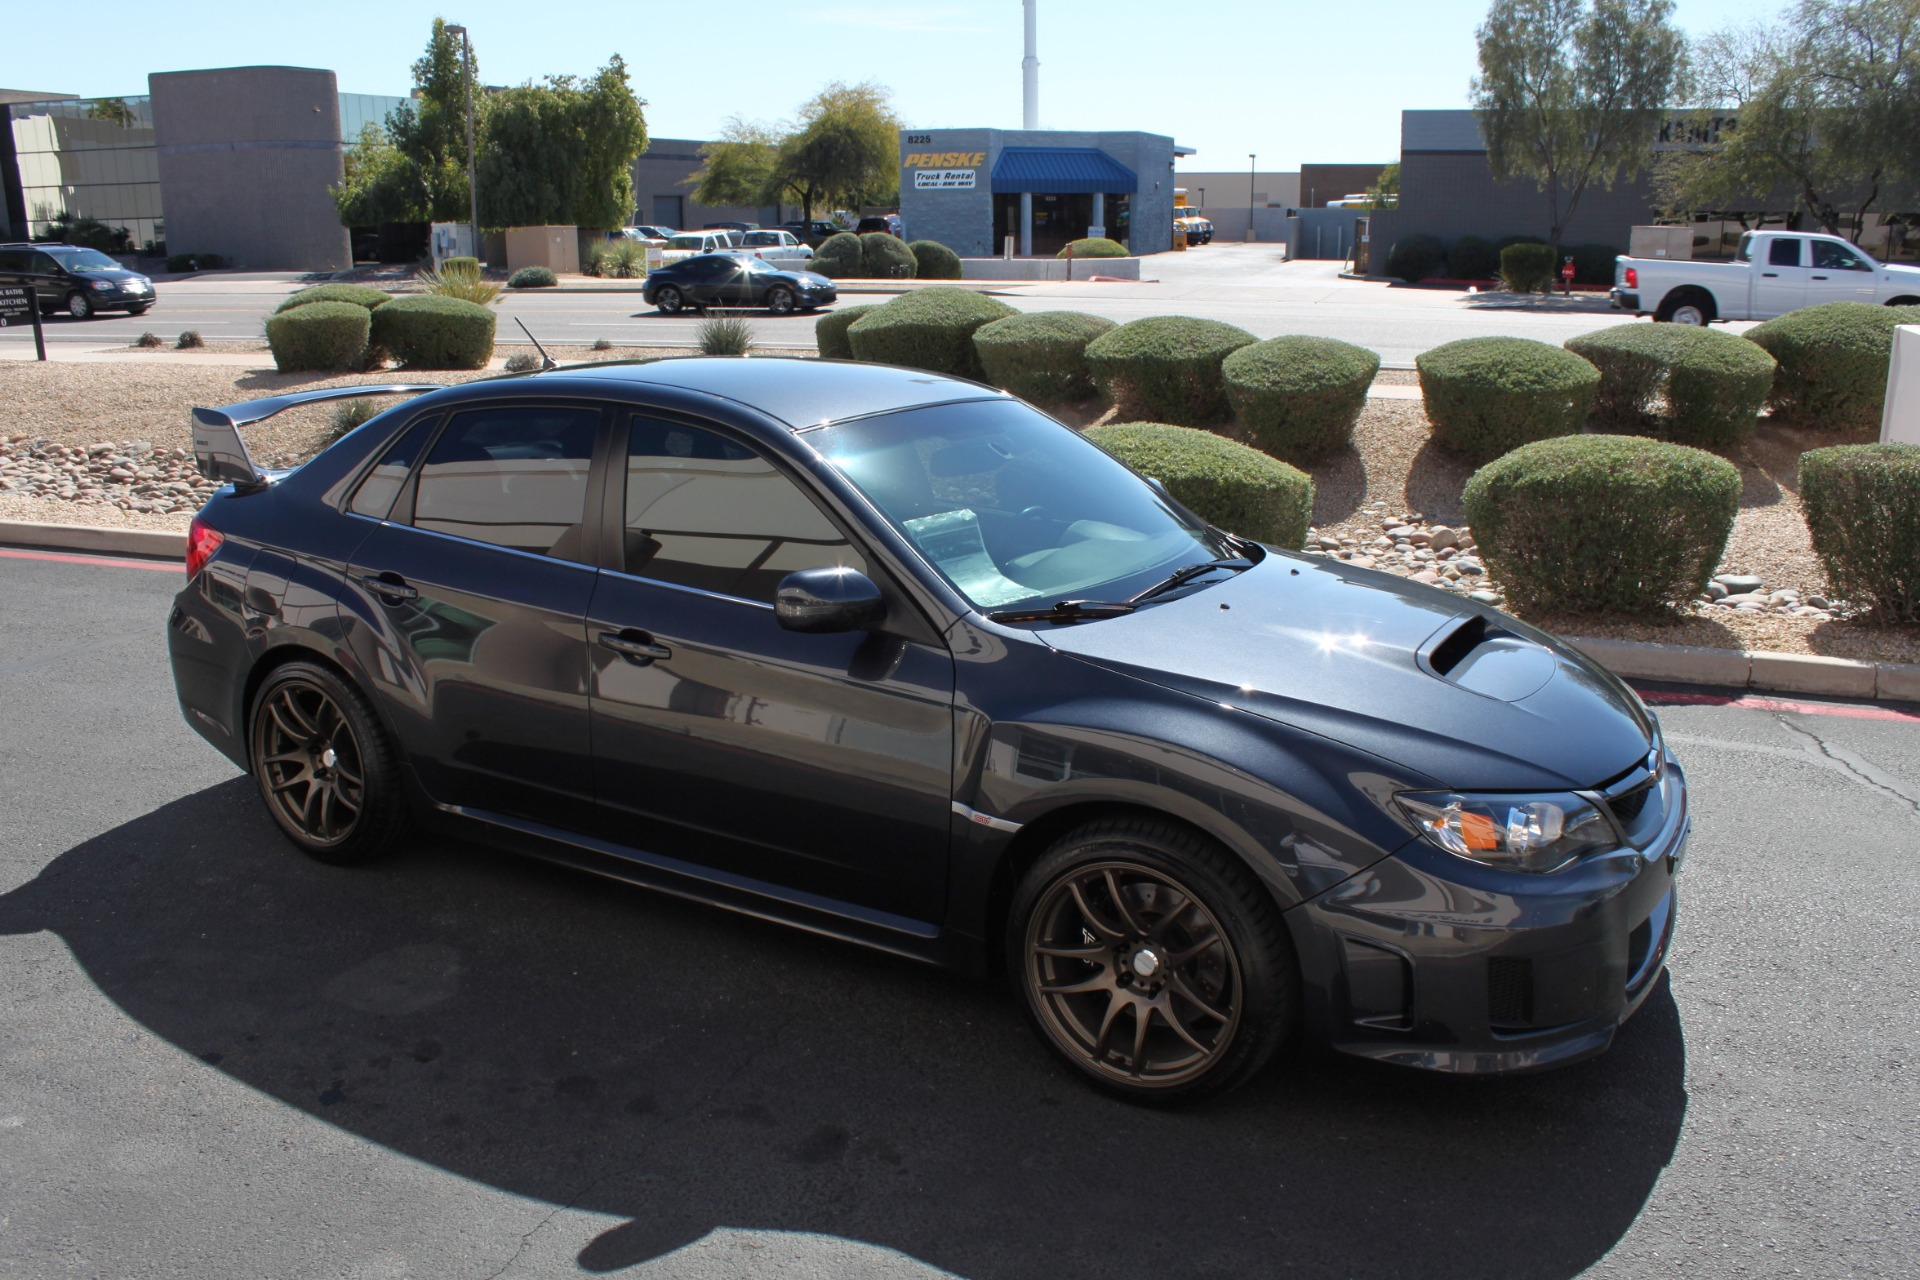 Used-2011-Subaru-Impreza-Sedan-WRX-STI-Fiat